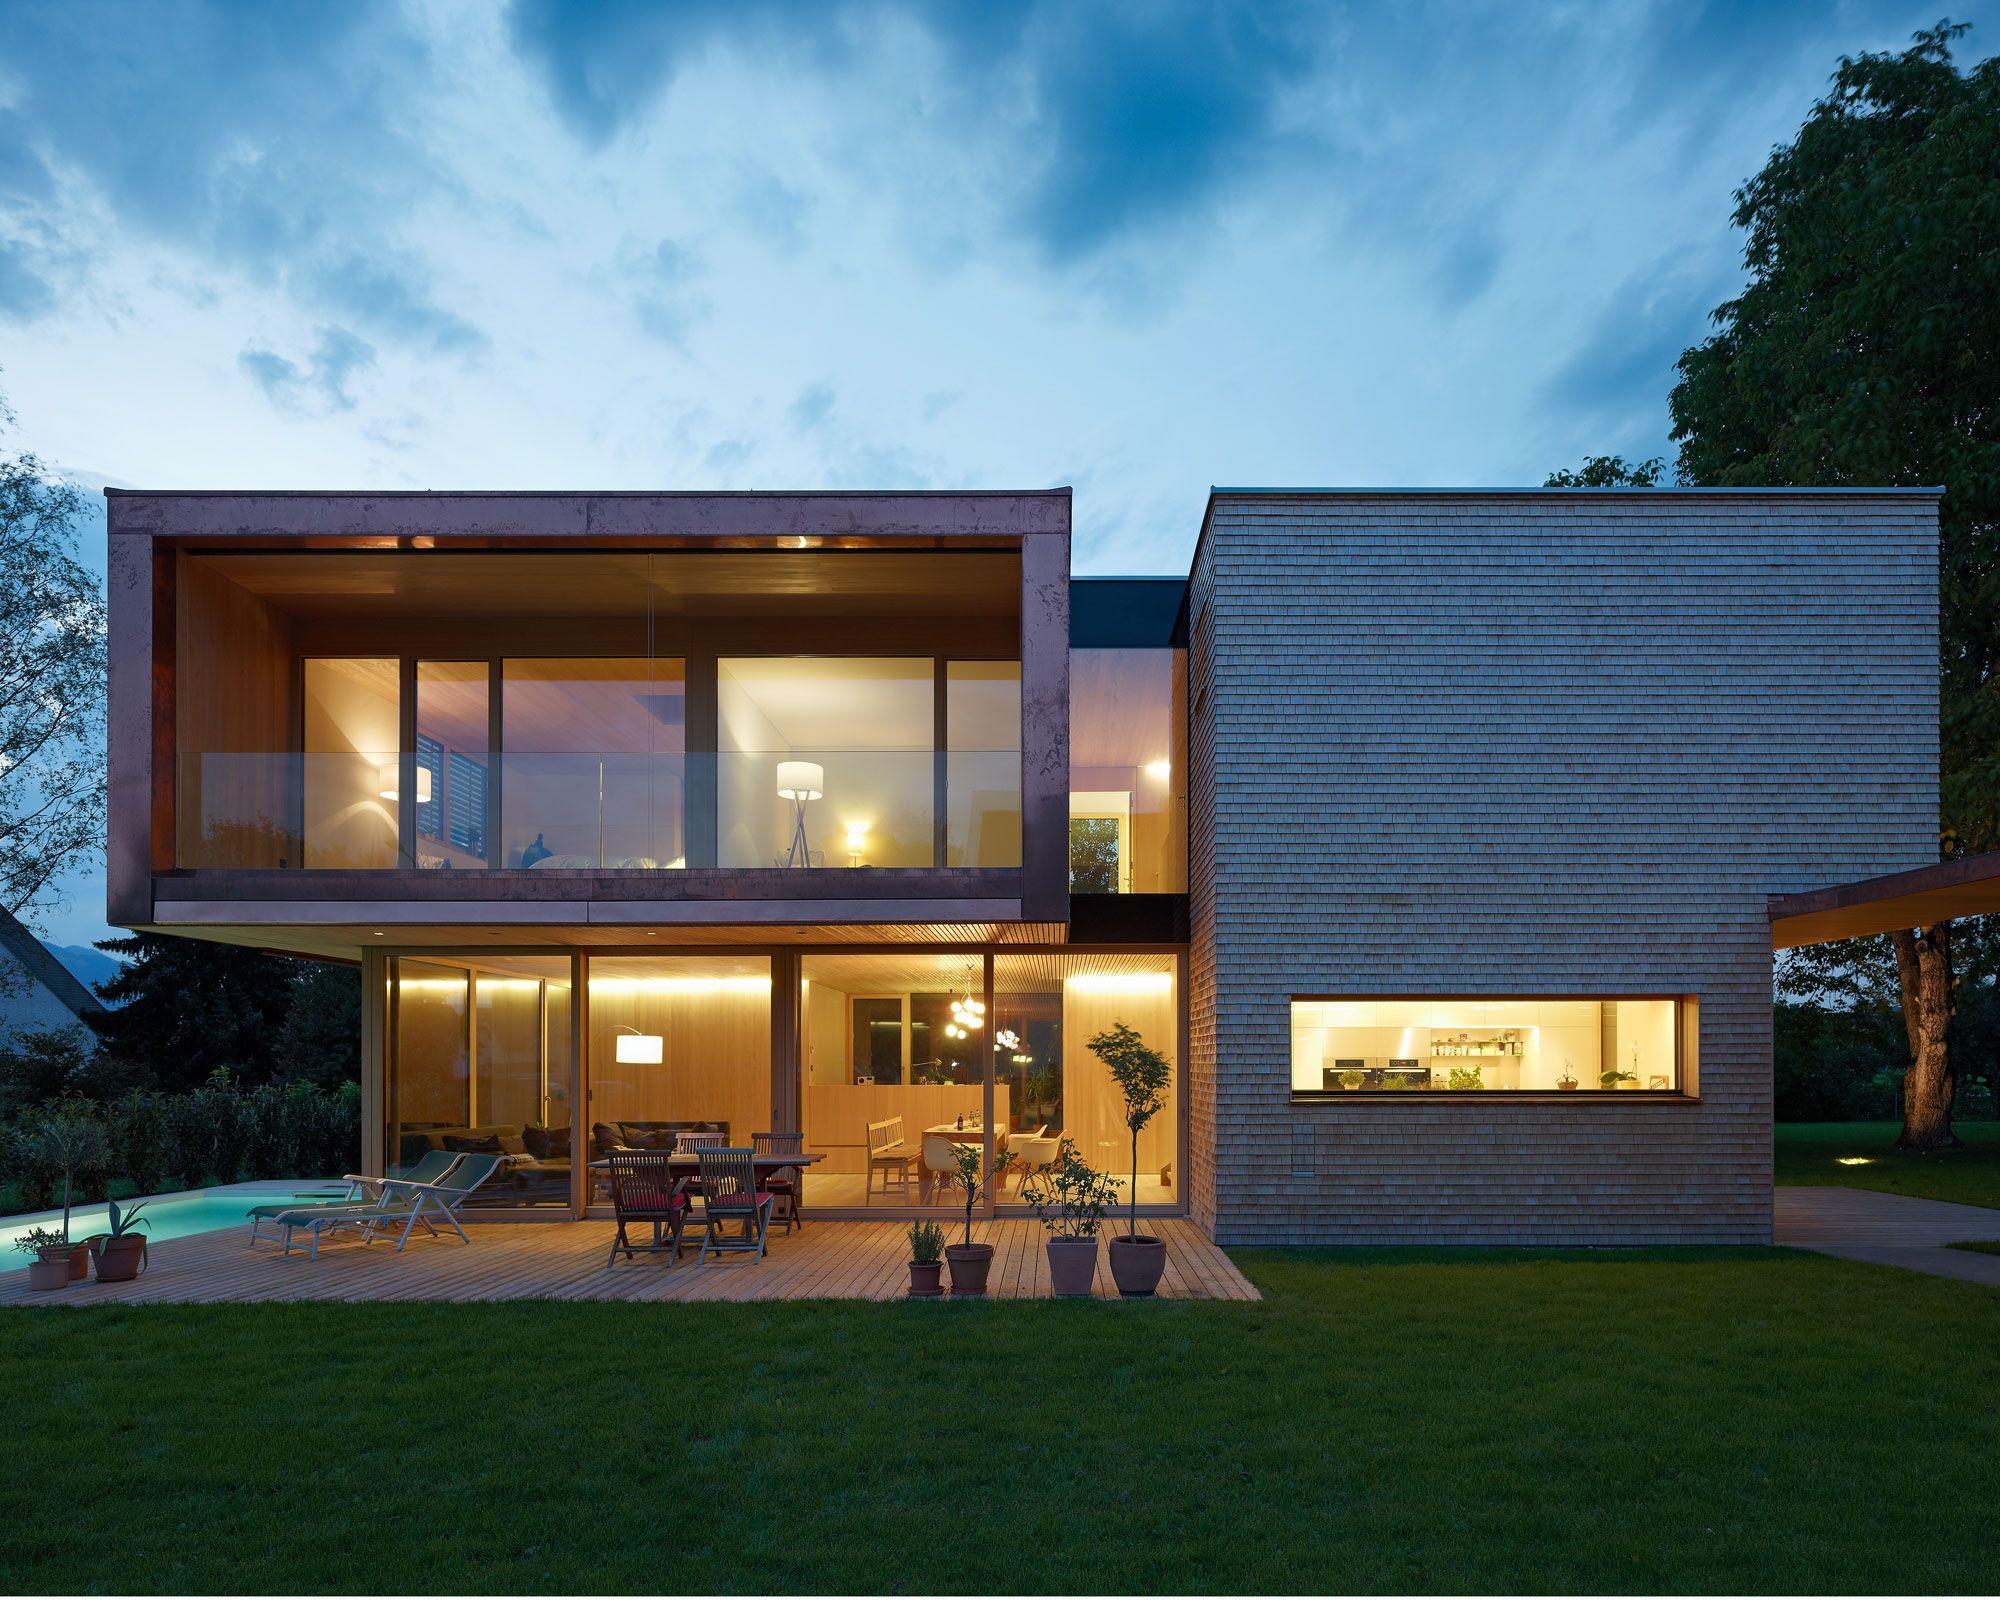 Plan Haus Holz Auf Stelzen - linearsystem.co - Home Design Ideen und ...